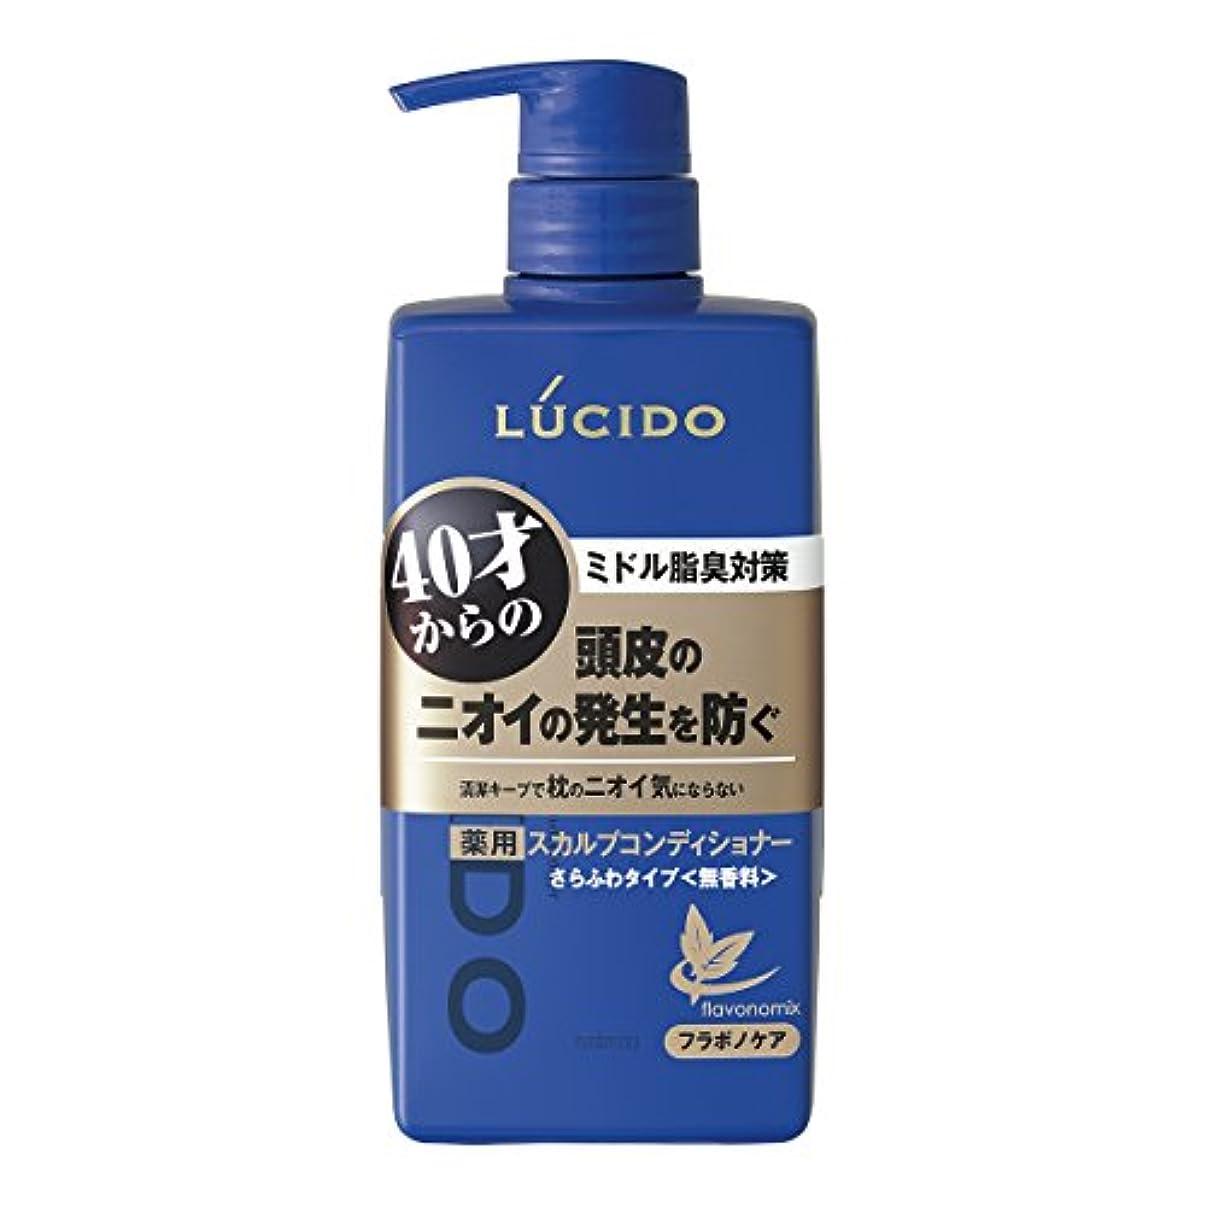 キーお風呂を持っているめったにルシード 薬用ヘア&スカルプコンディショナー 450g(医薬部外品)